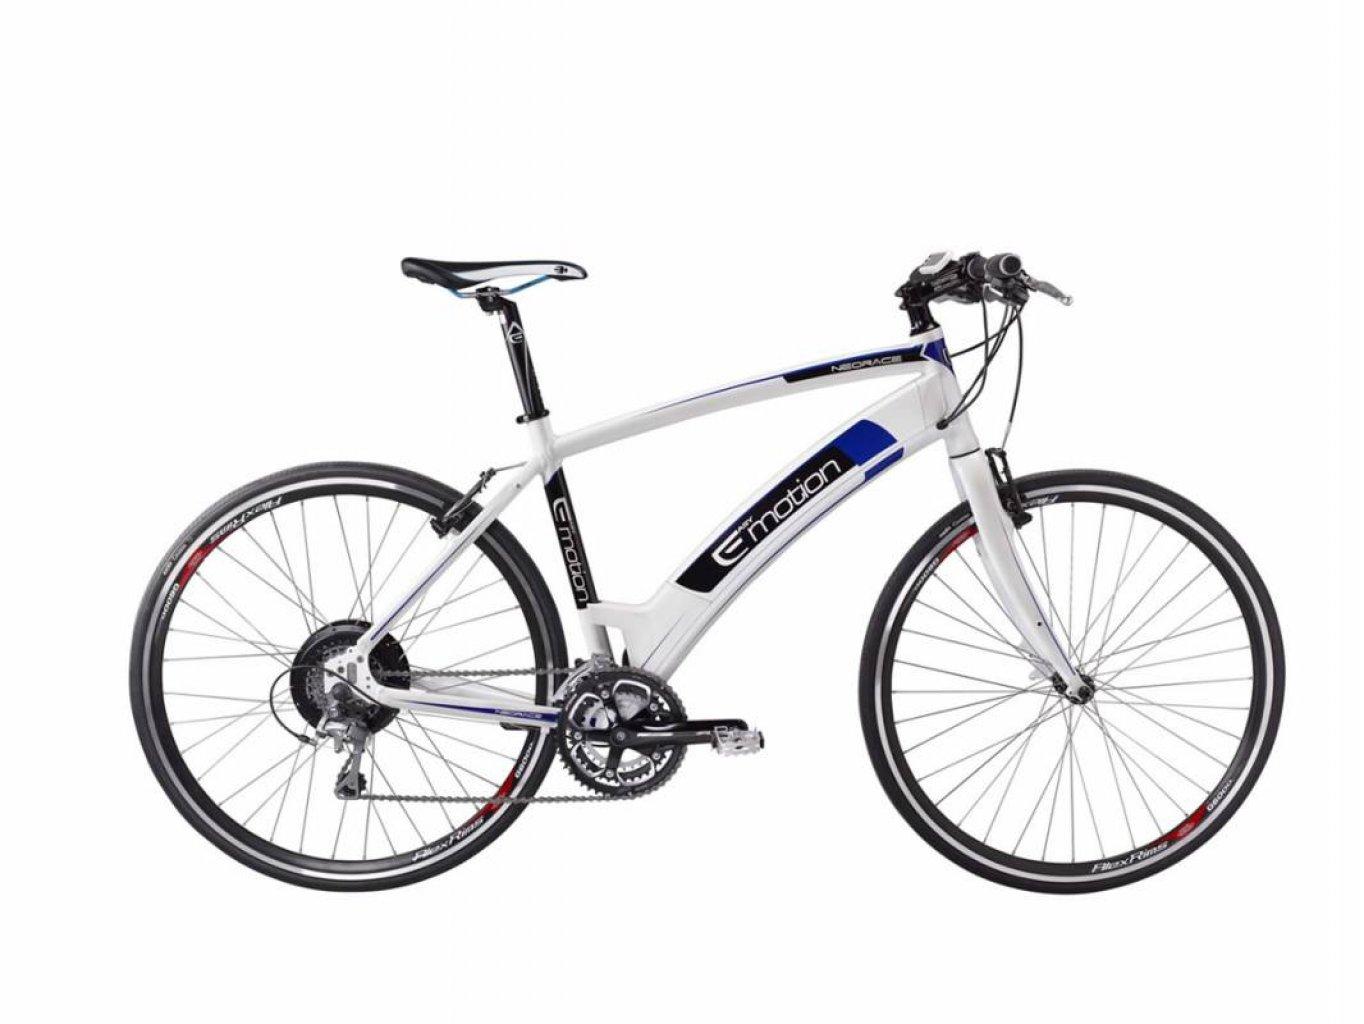 Faire du sport : avec le vélo électrique, c'est plus facile